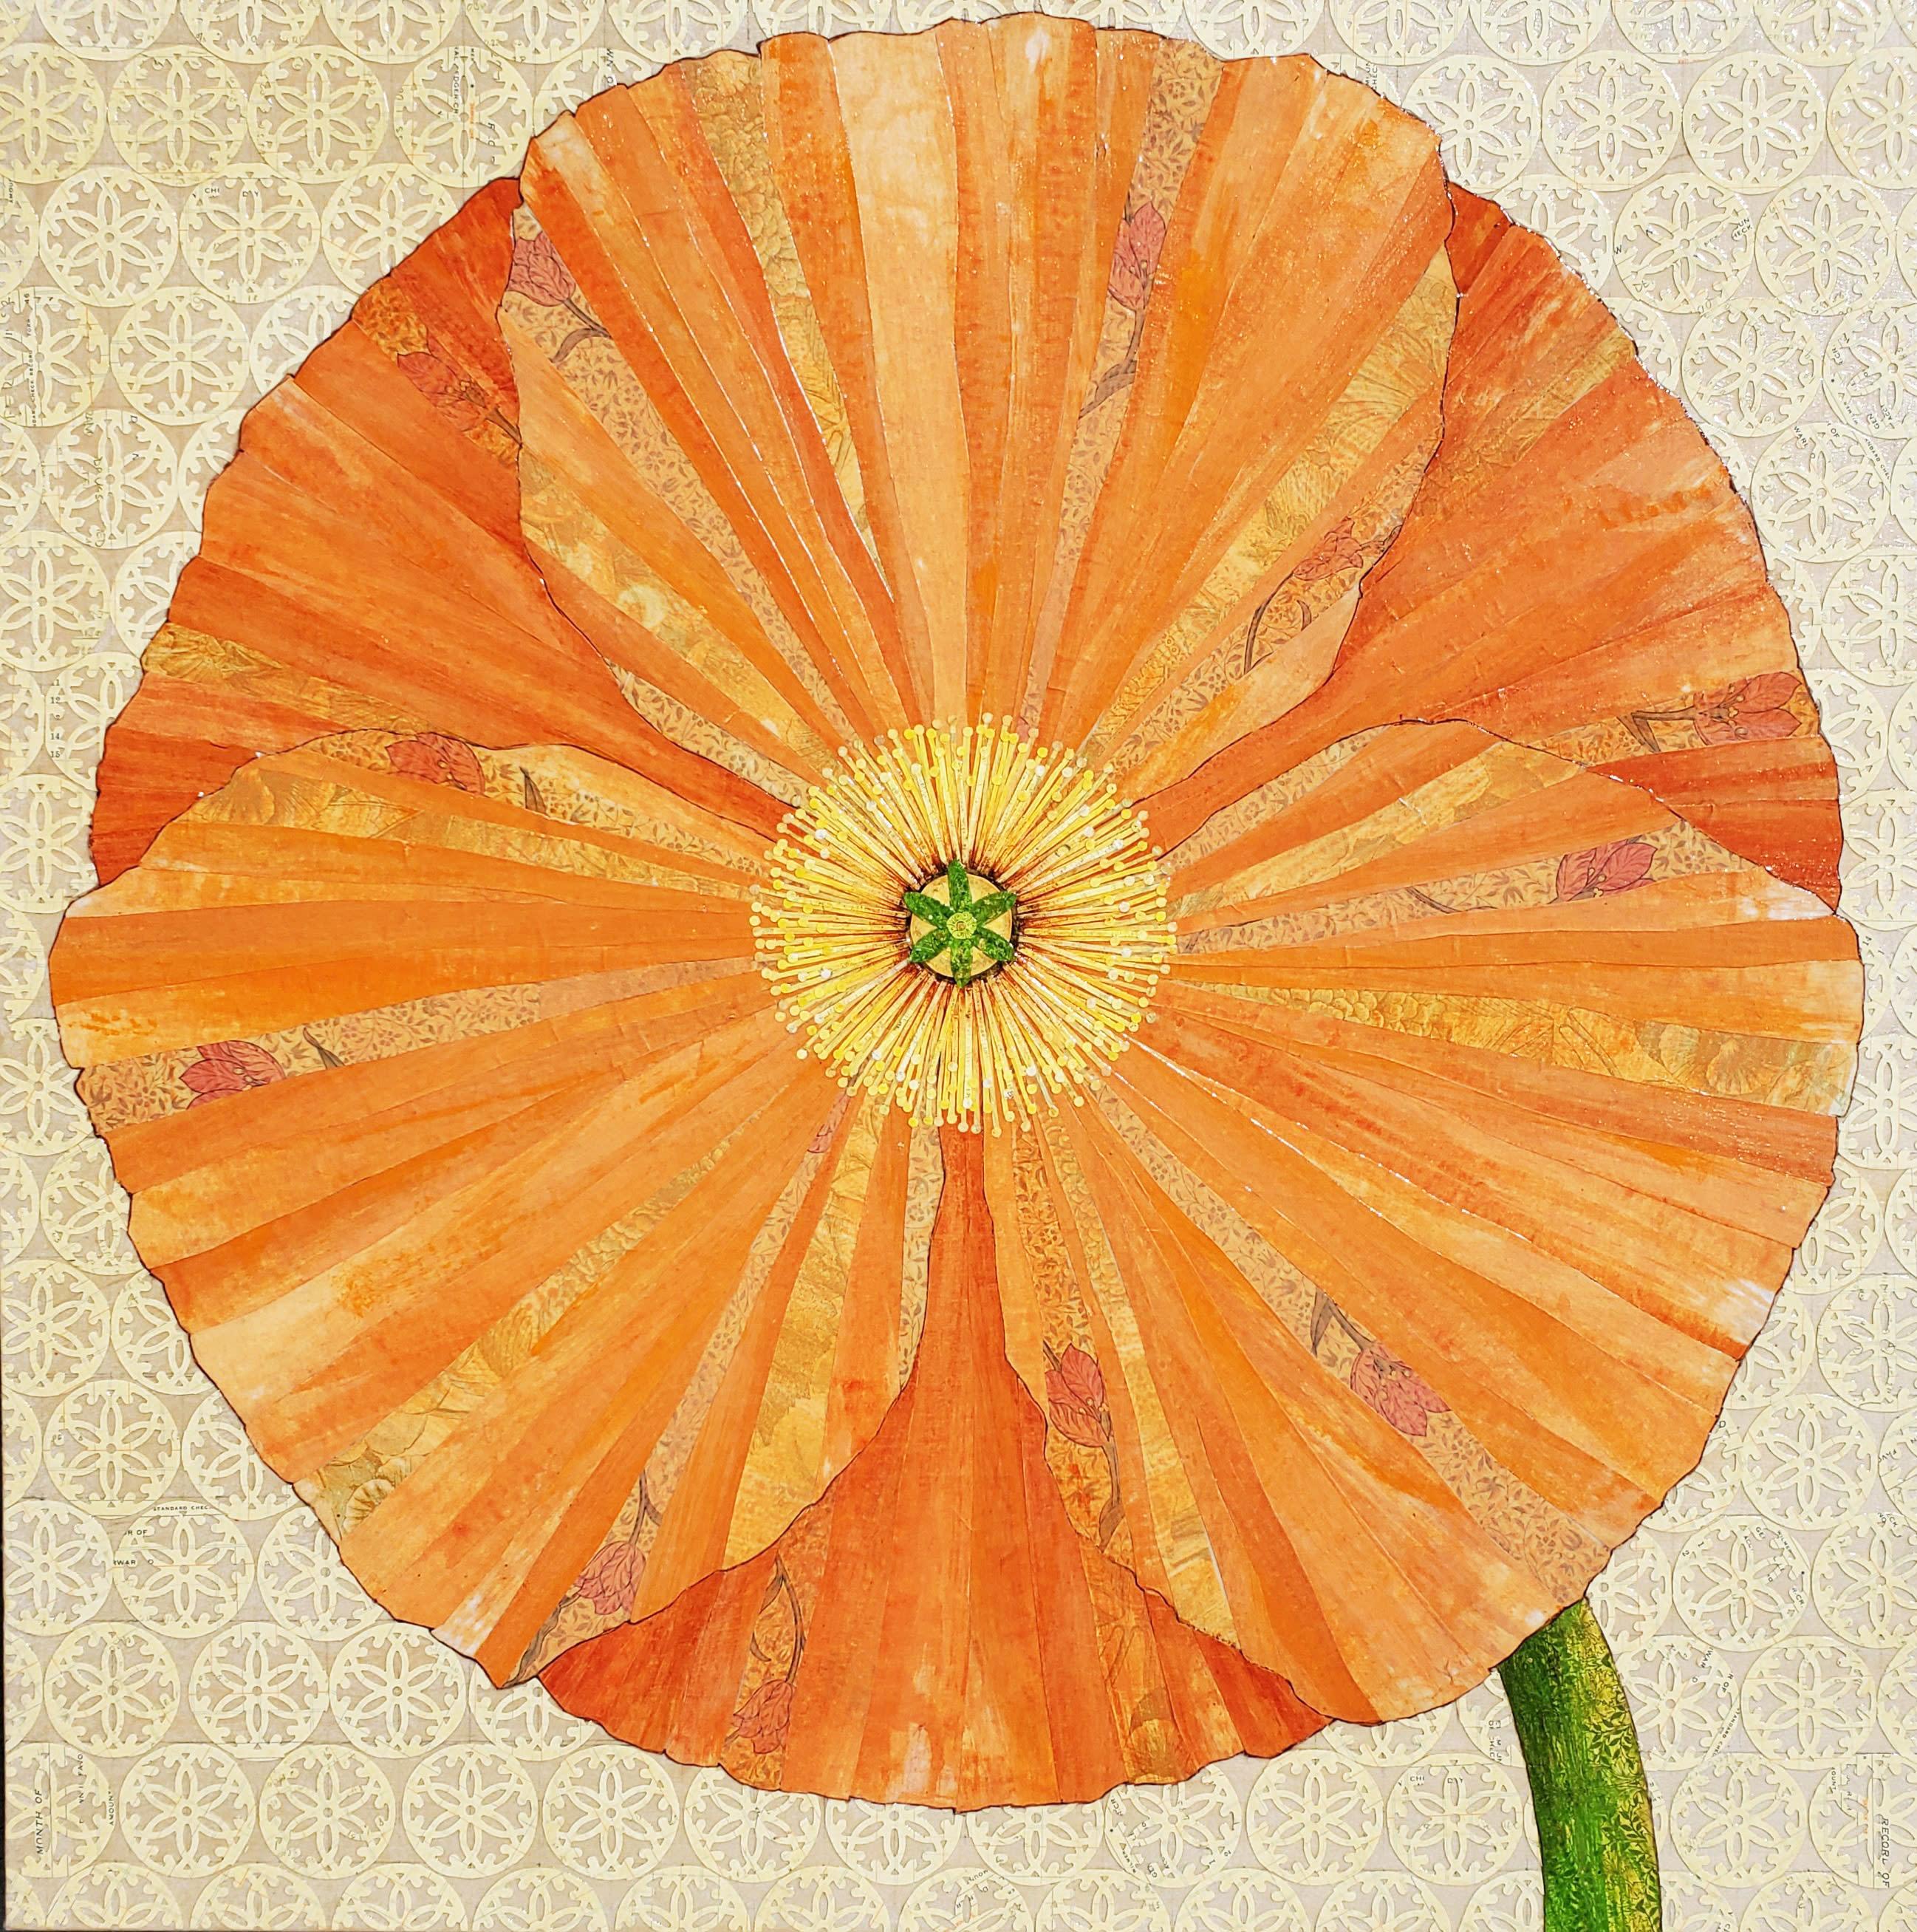 California poppy 24x24 tdlahr